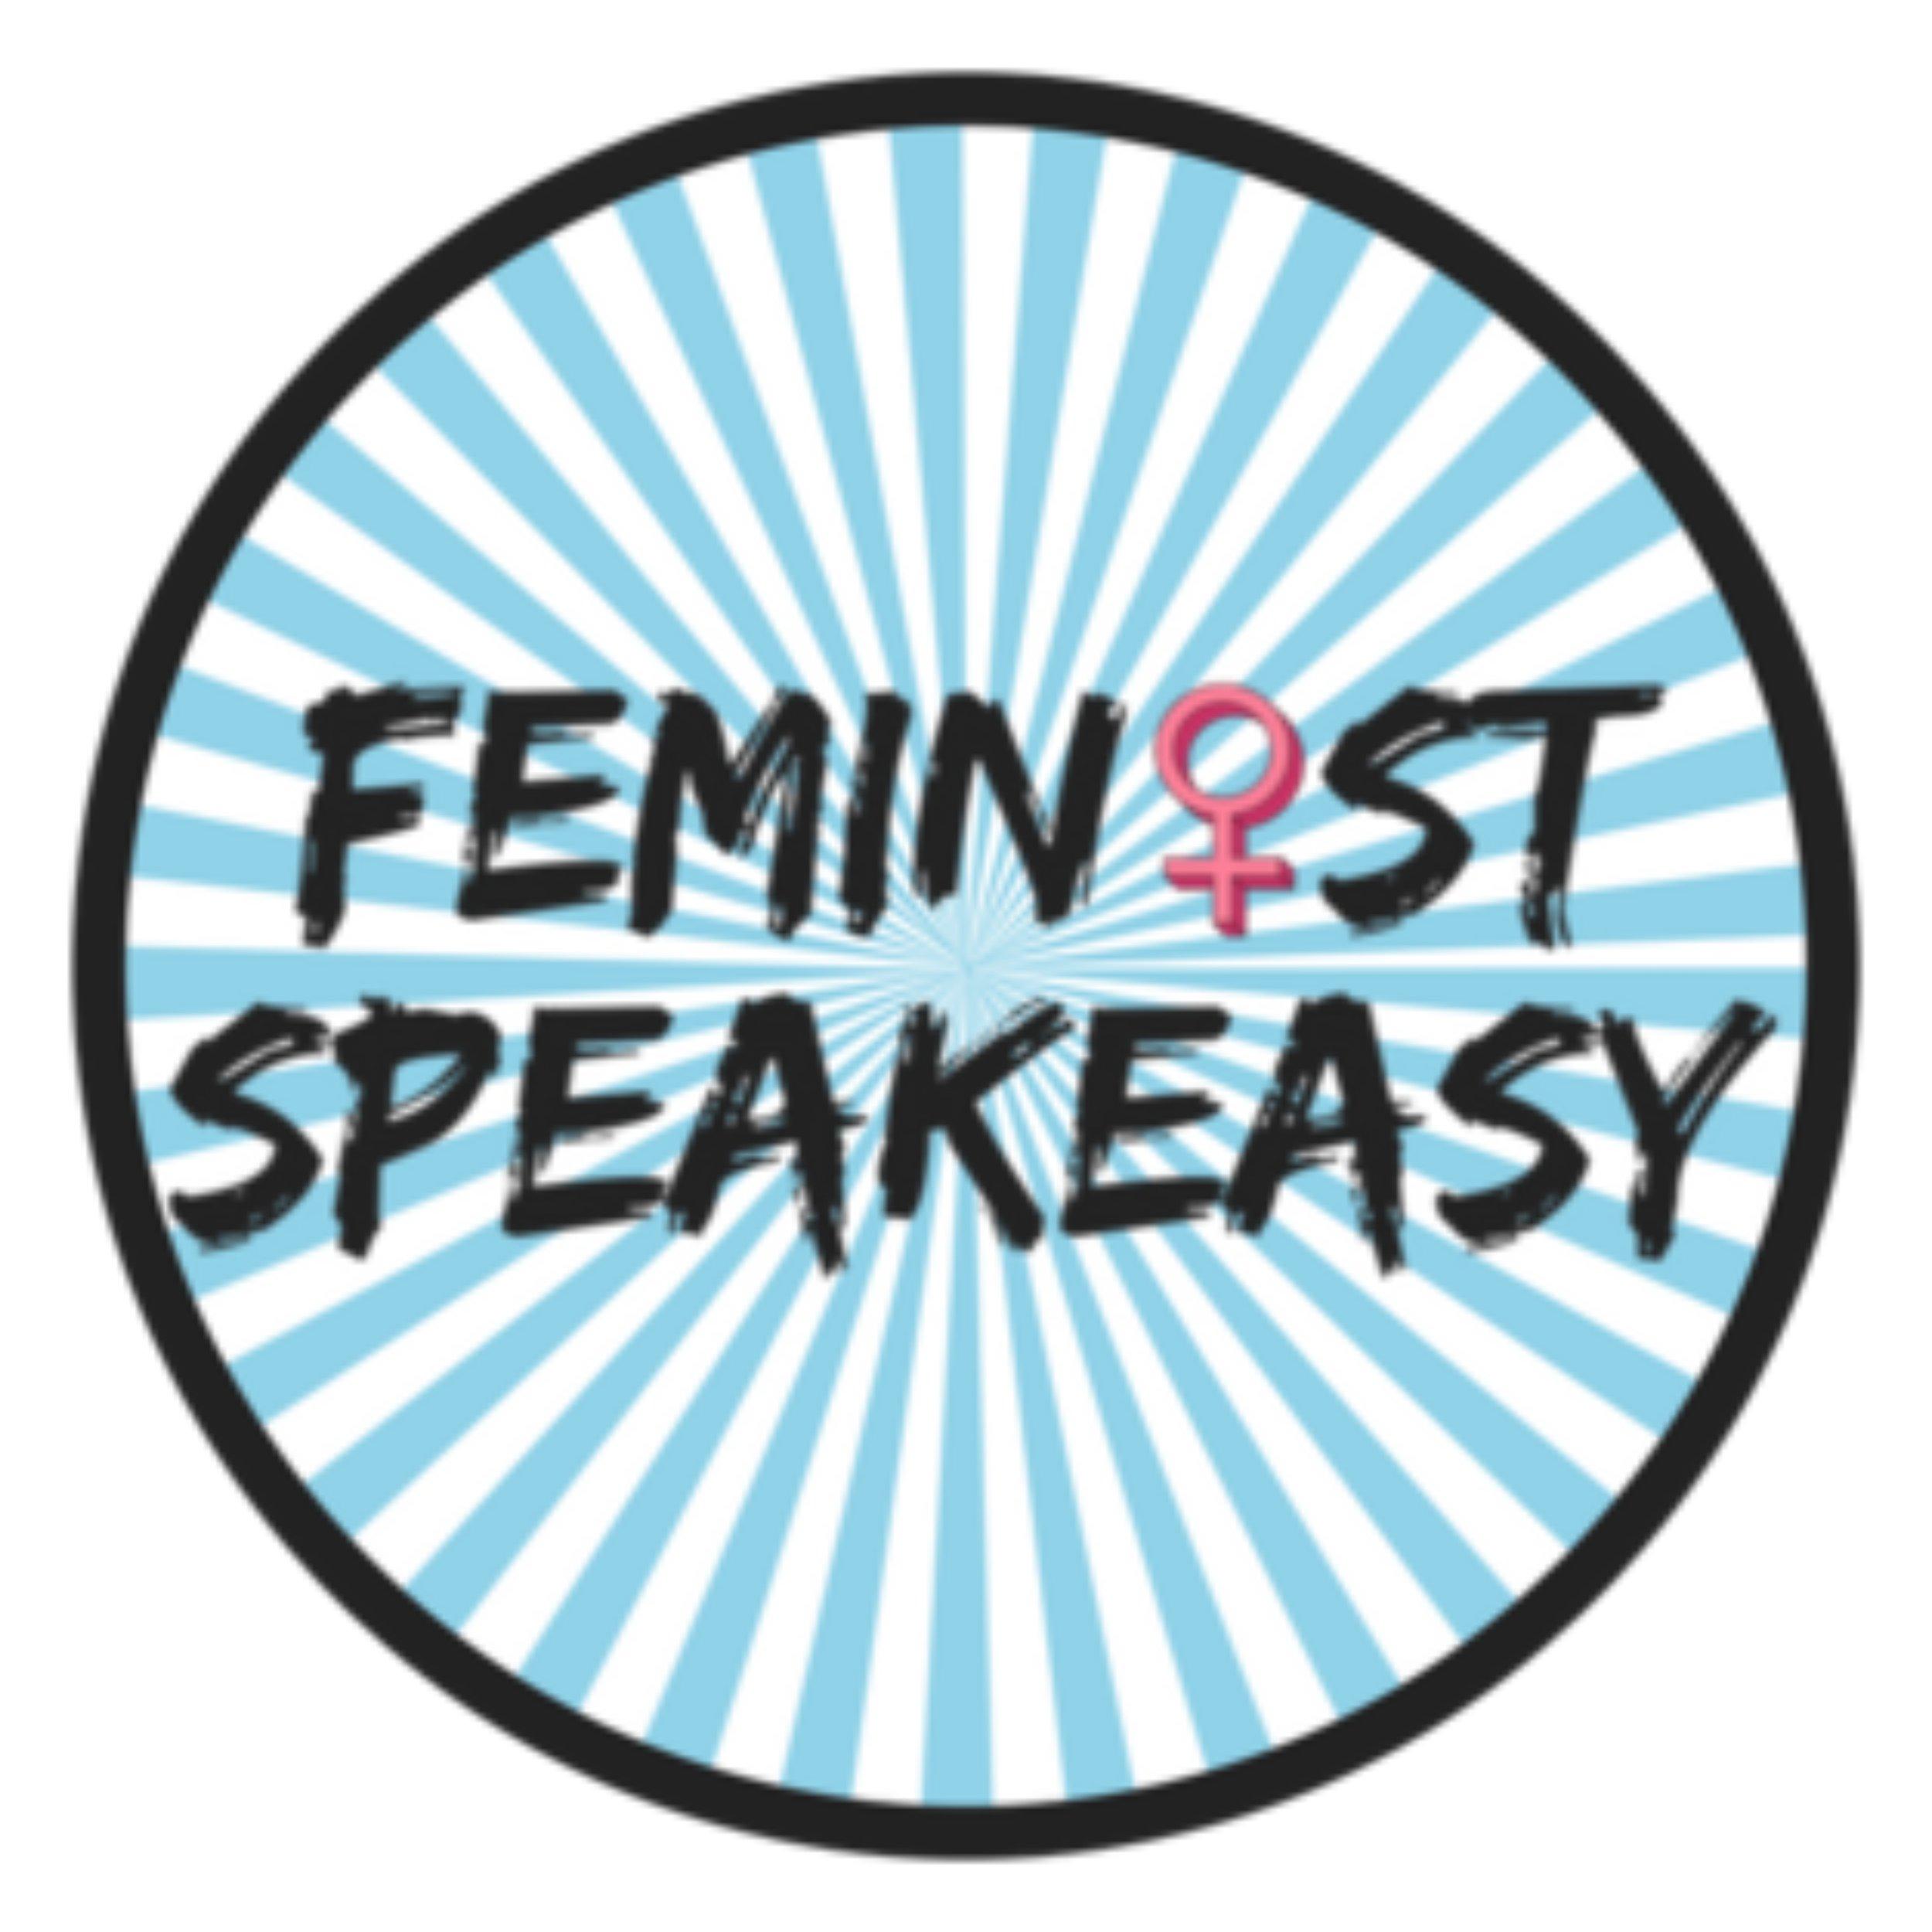 feminist_speakeasy_logo